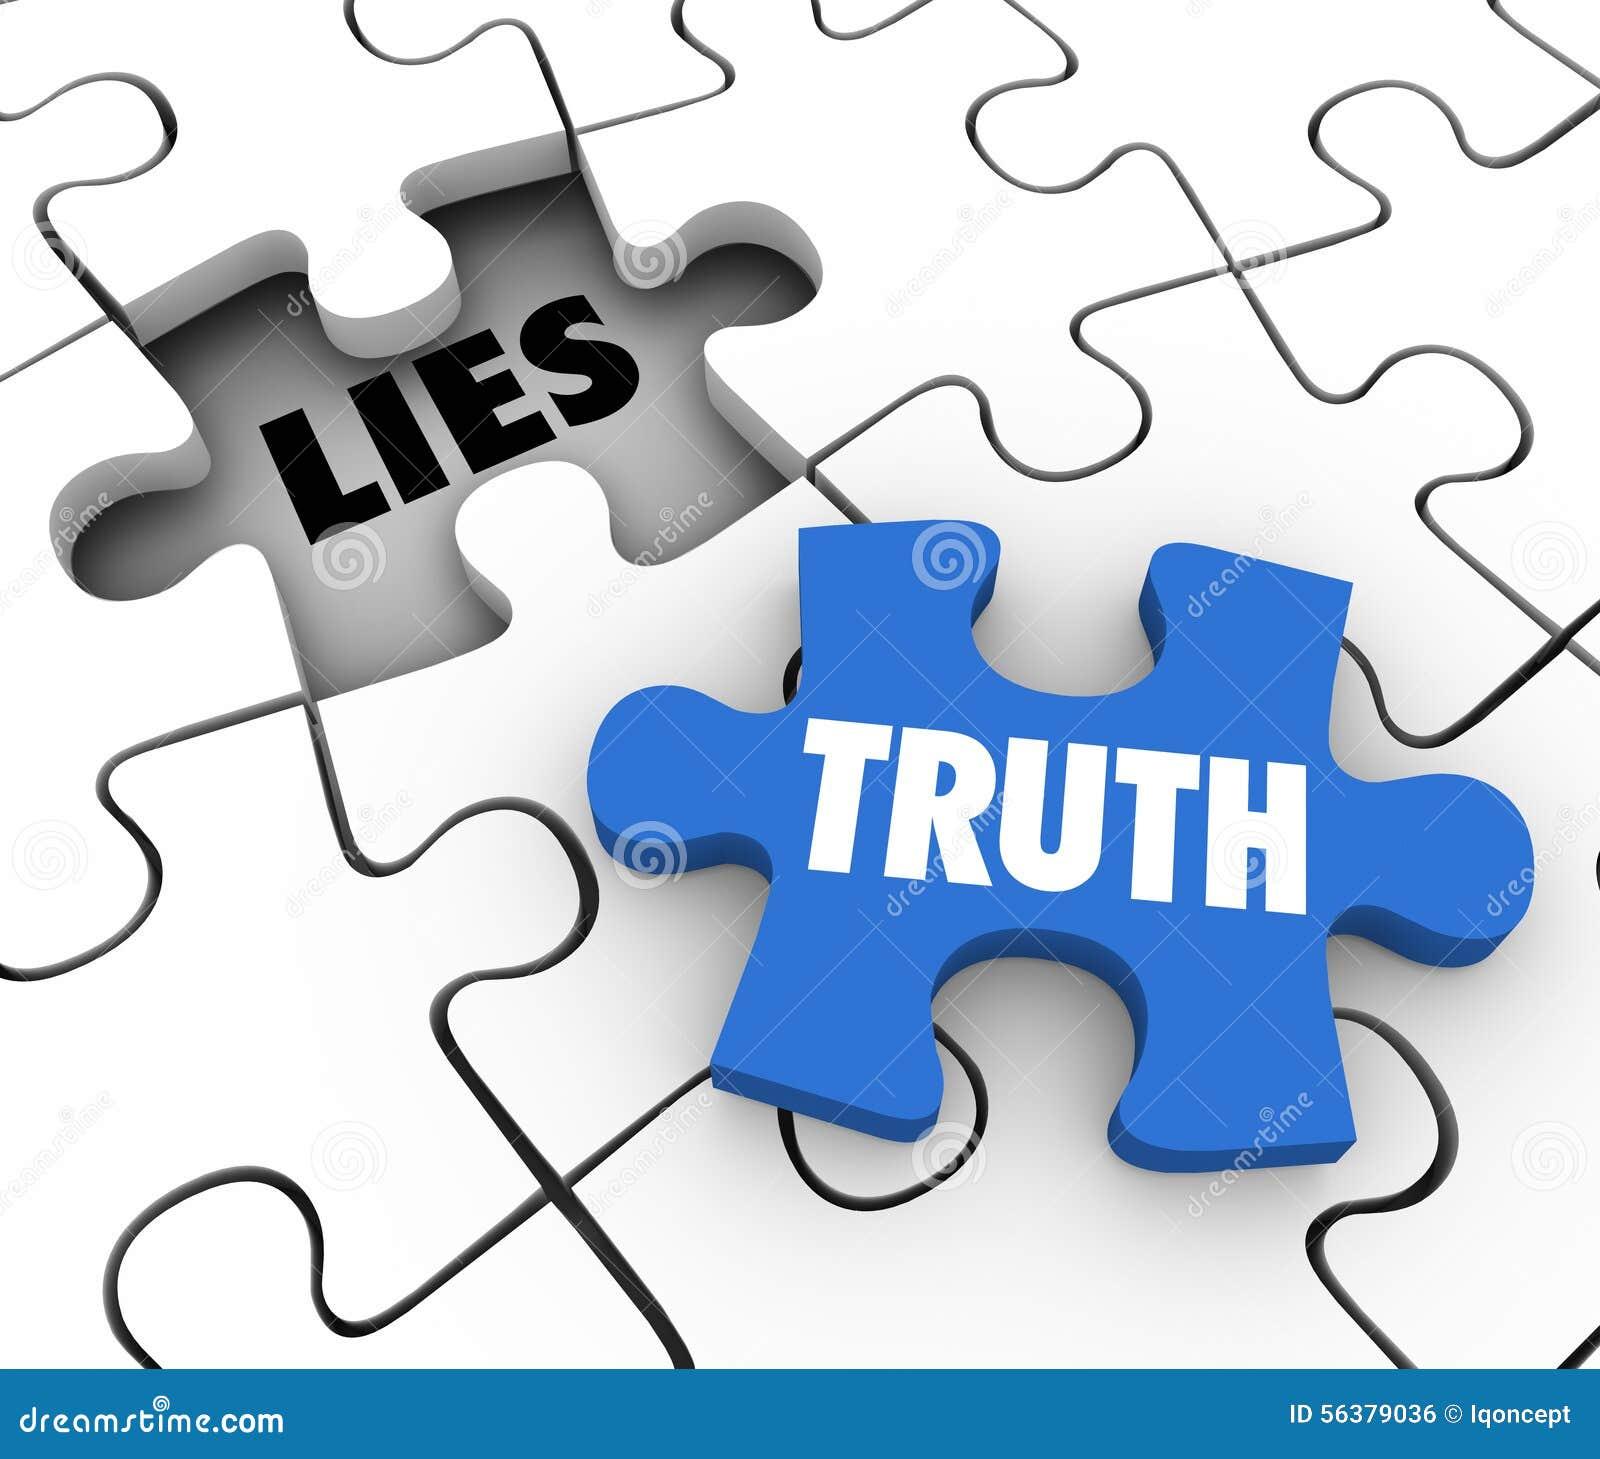 La verdad contra palabras del pedazo del rompecabezas de las mentiras compite los hechos honestos enteros